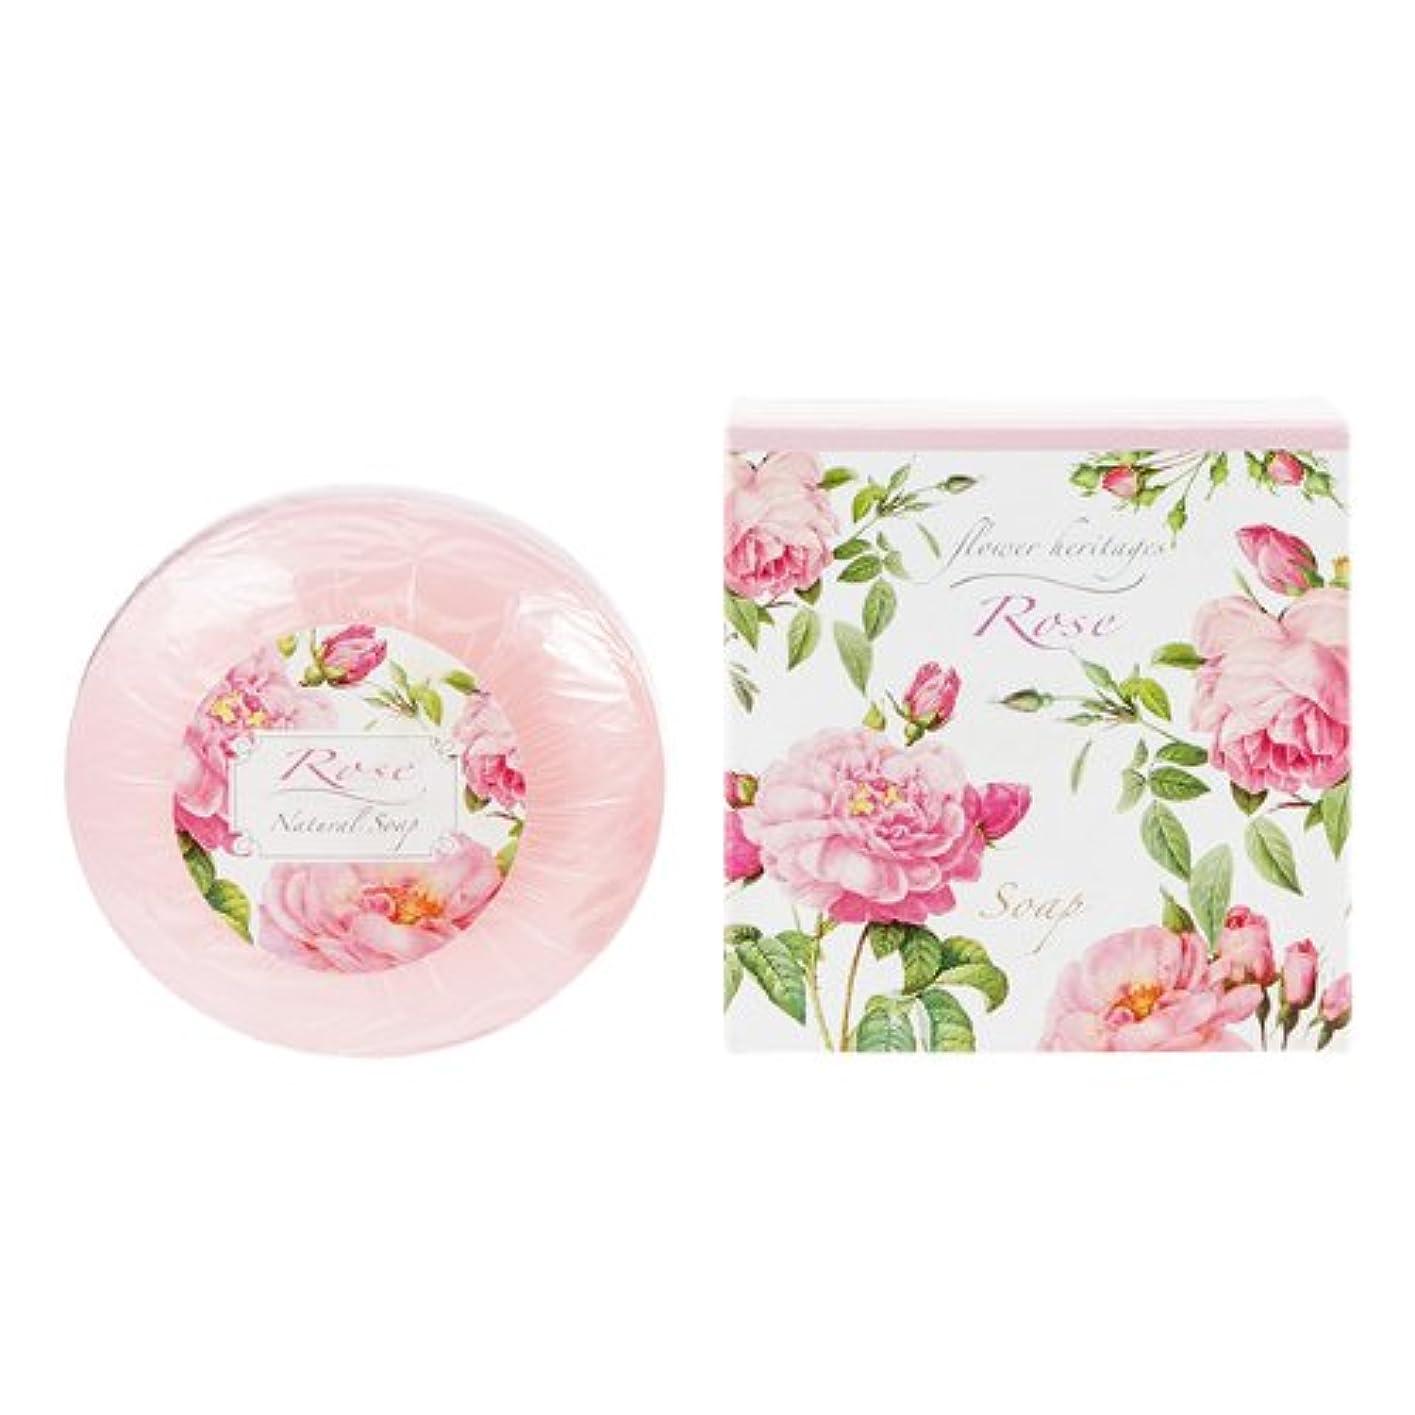 不利益位置する復活させるネイチャータッチ (Nature Touch) Flower Heritage ソープ120g/ローズ